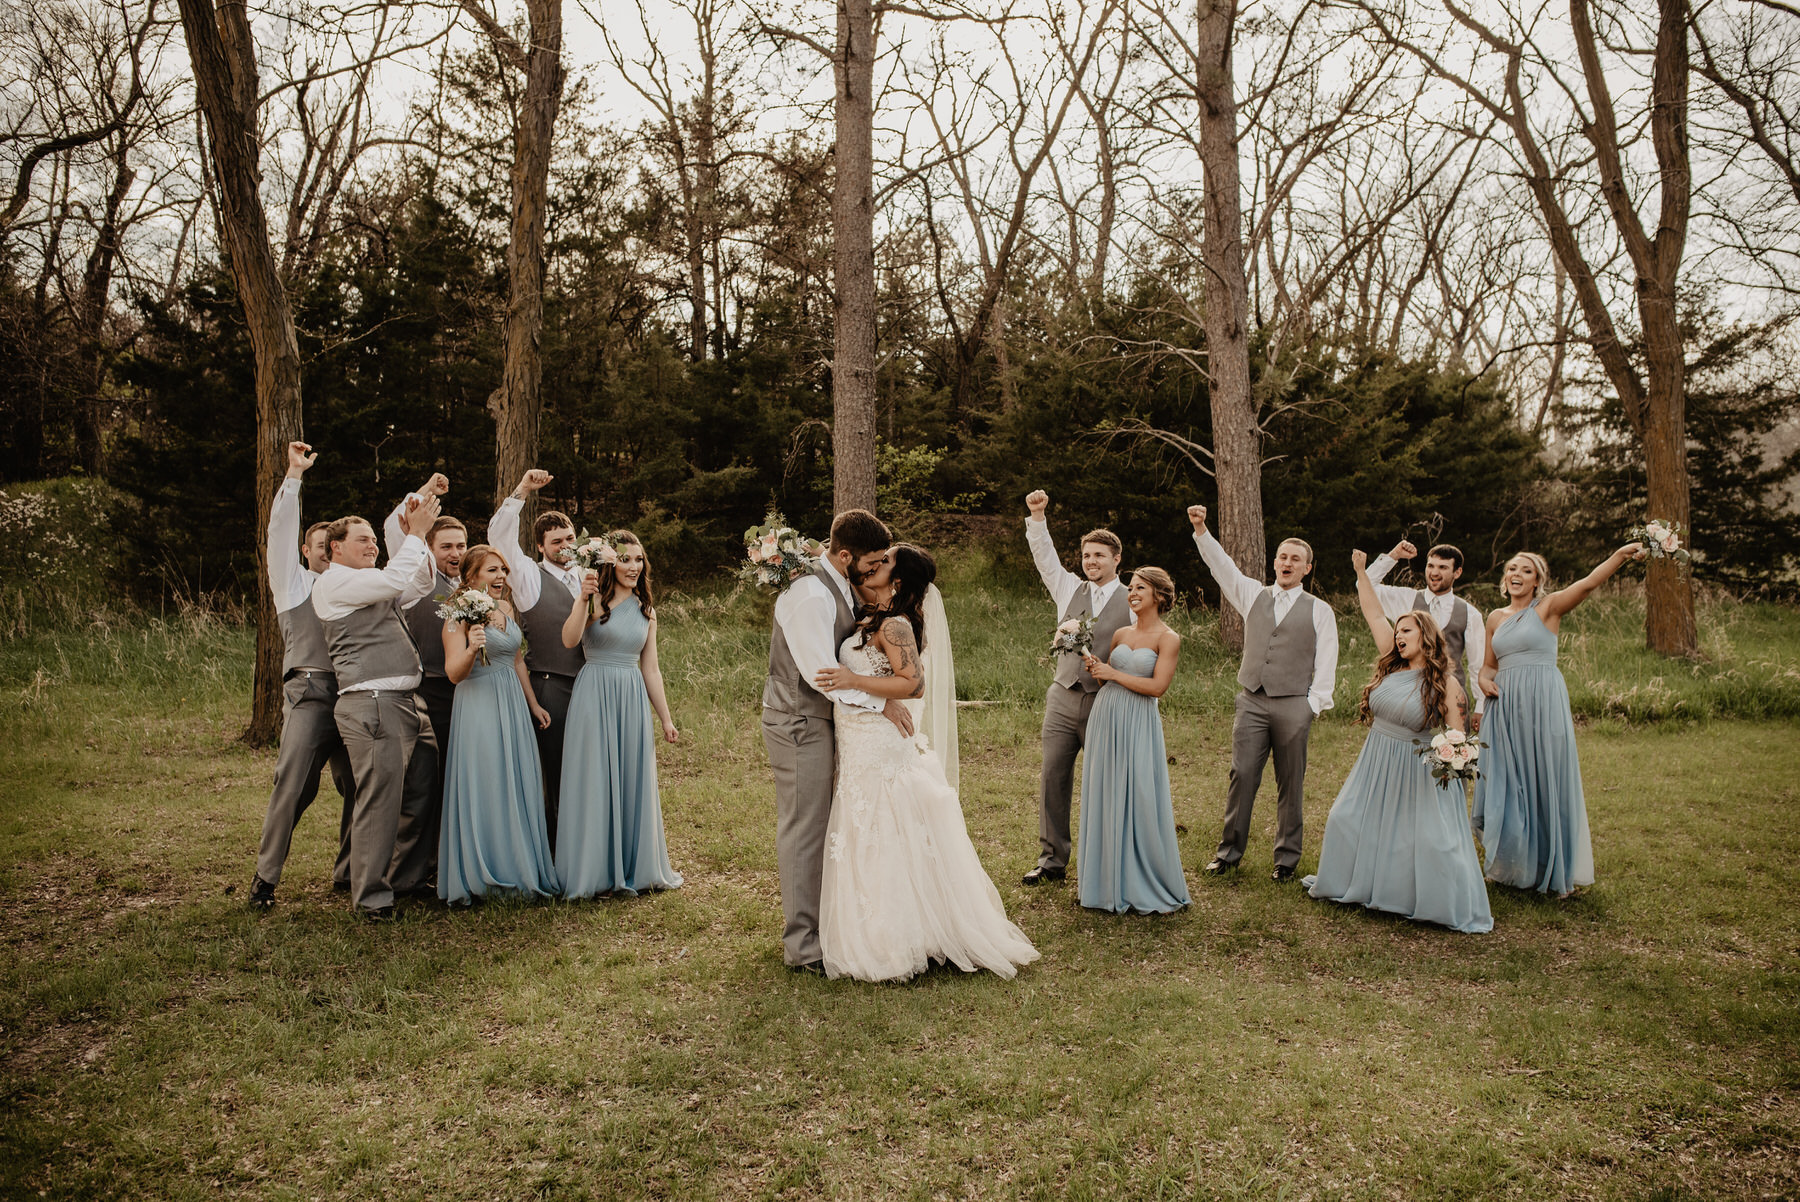 Kaylie-Sirek-Photography-Kearney-Nebraska-Wedding-070.jpg